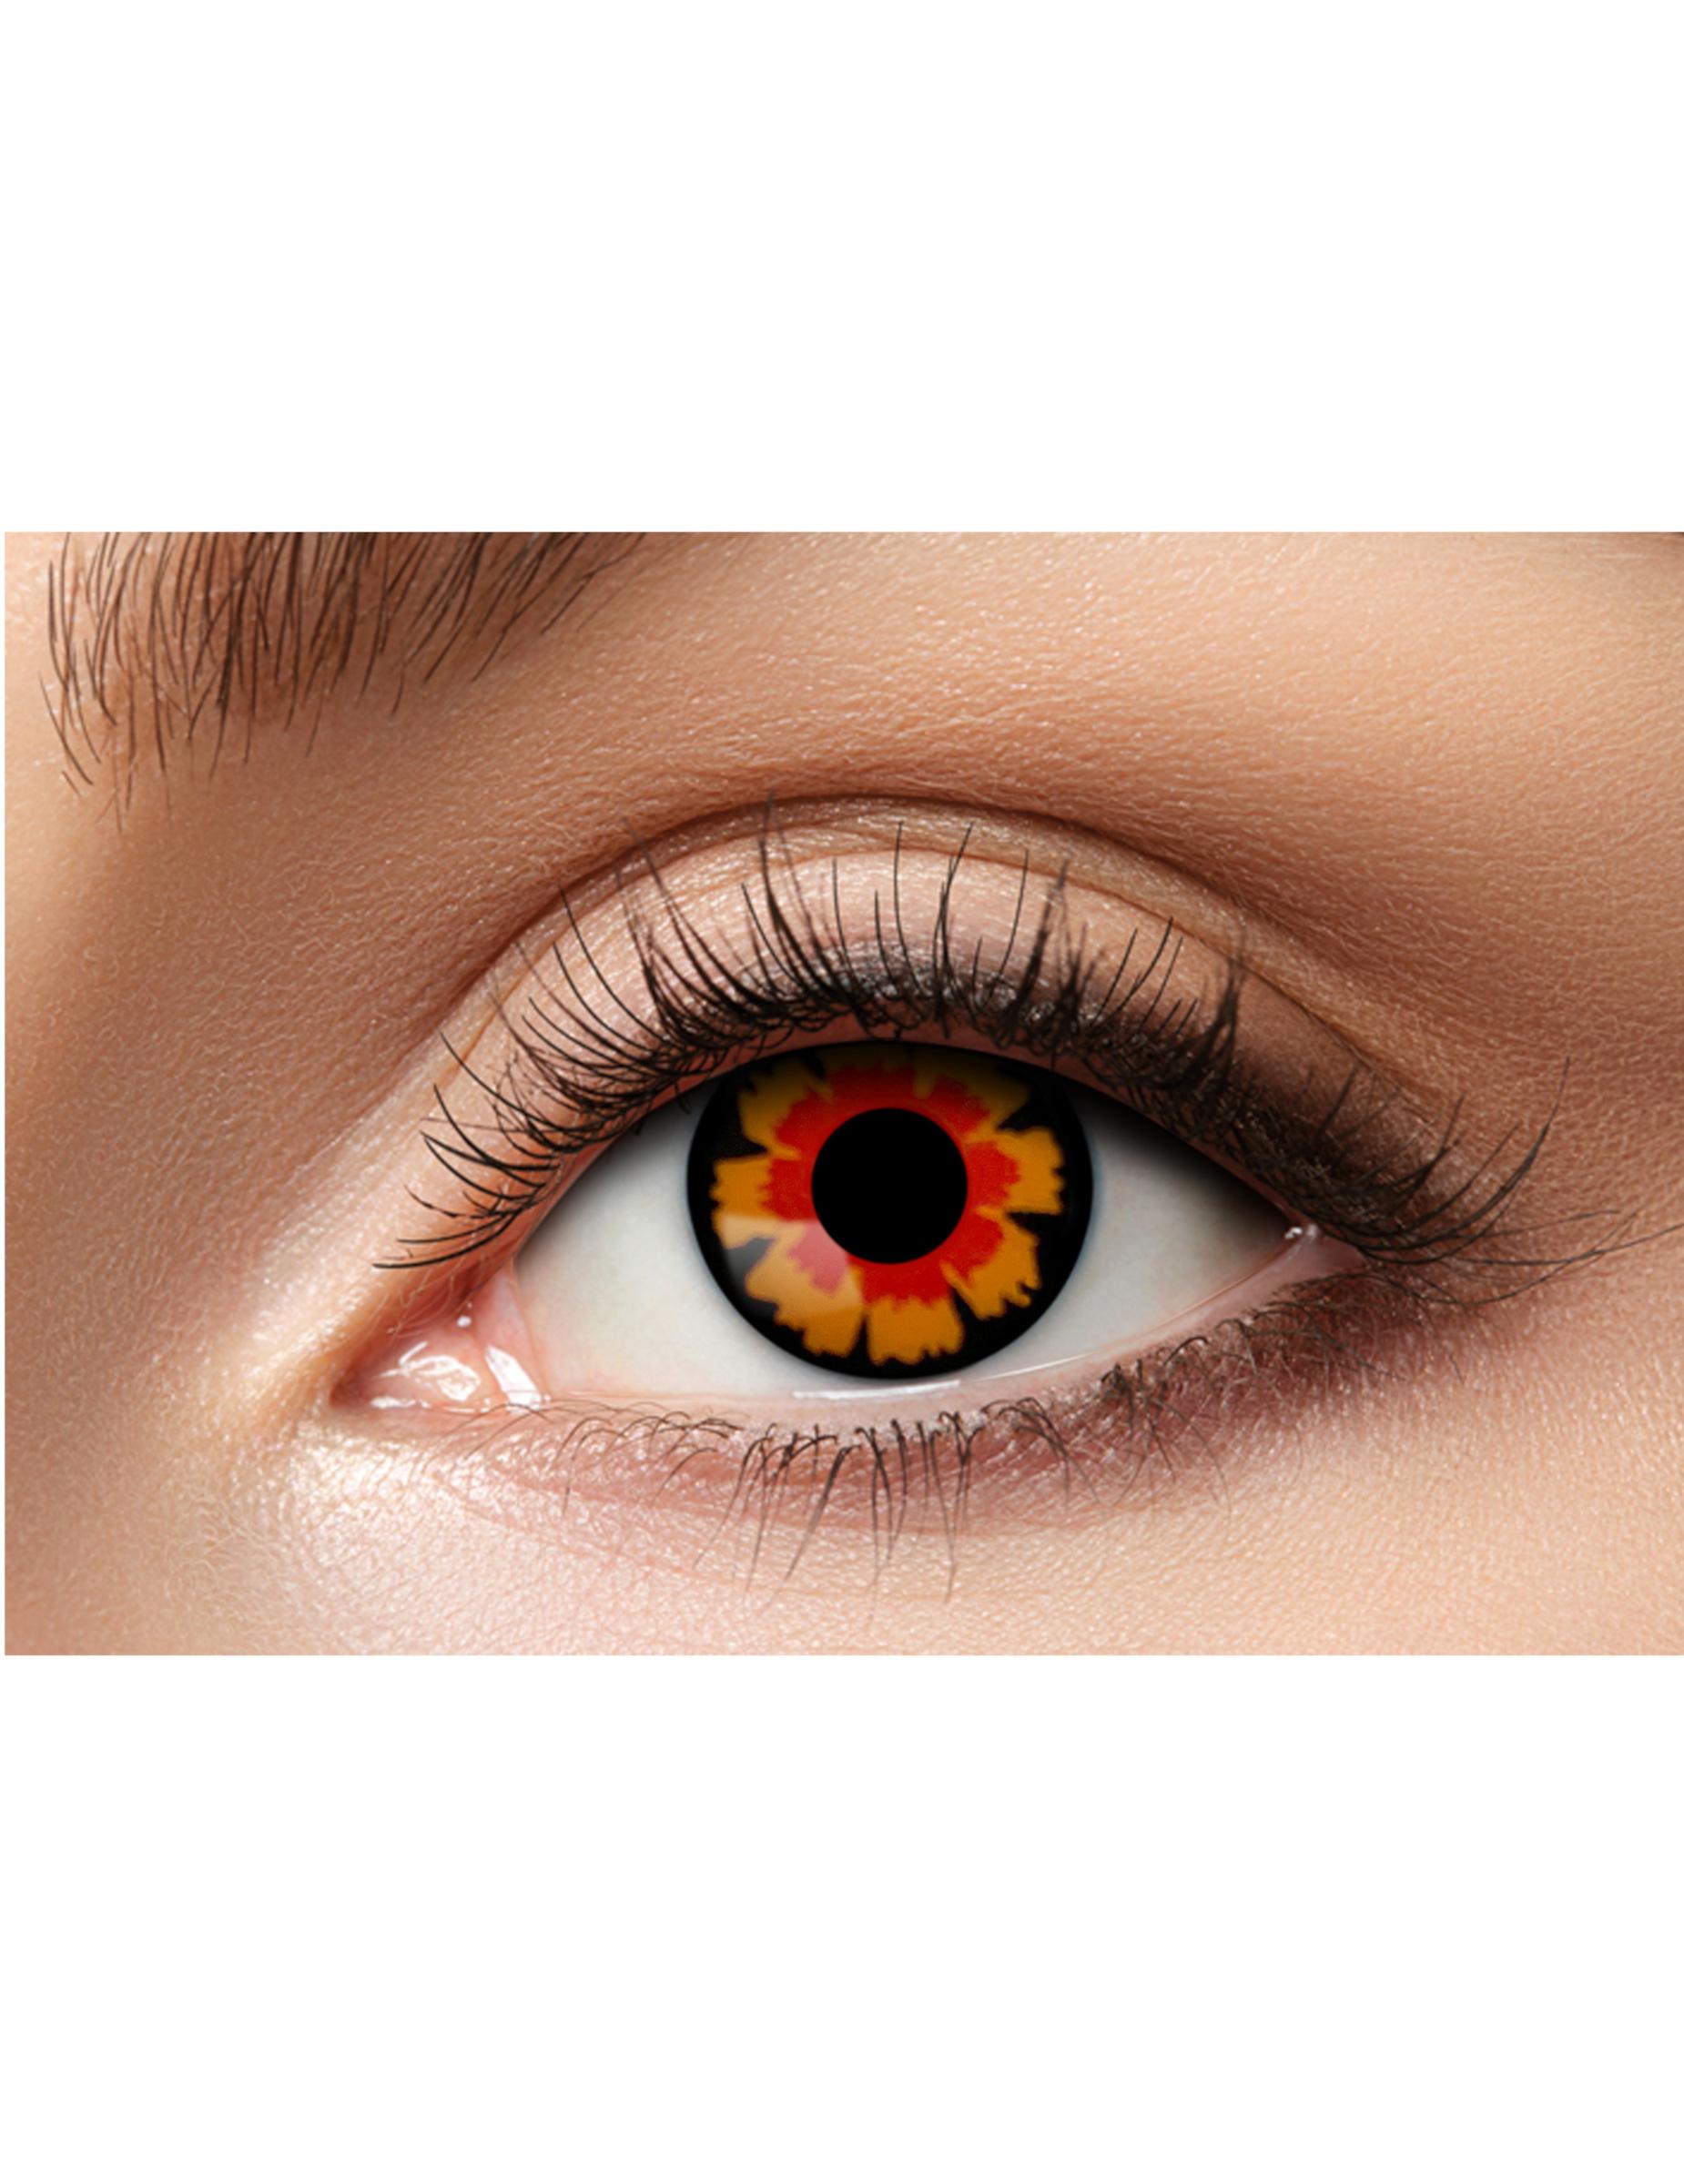 Kontaktlinsen schwarz-rot 73274